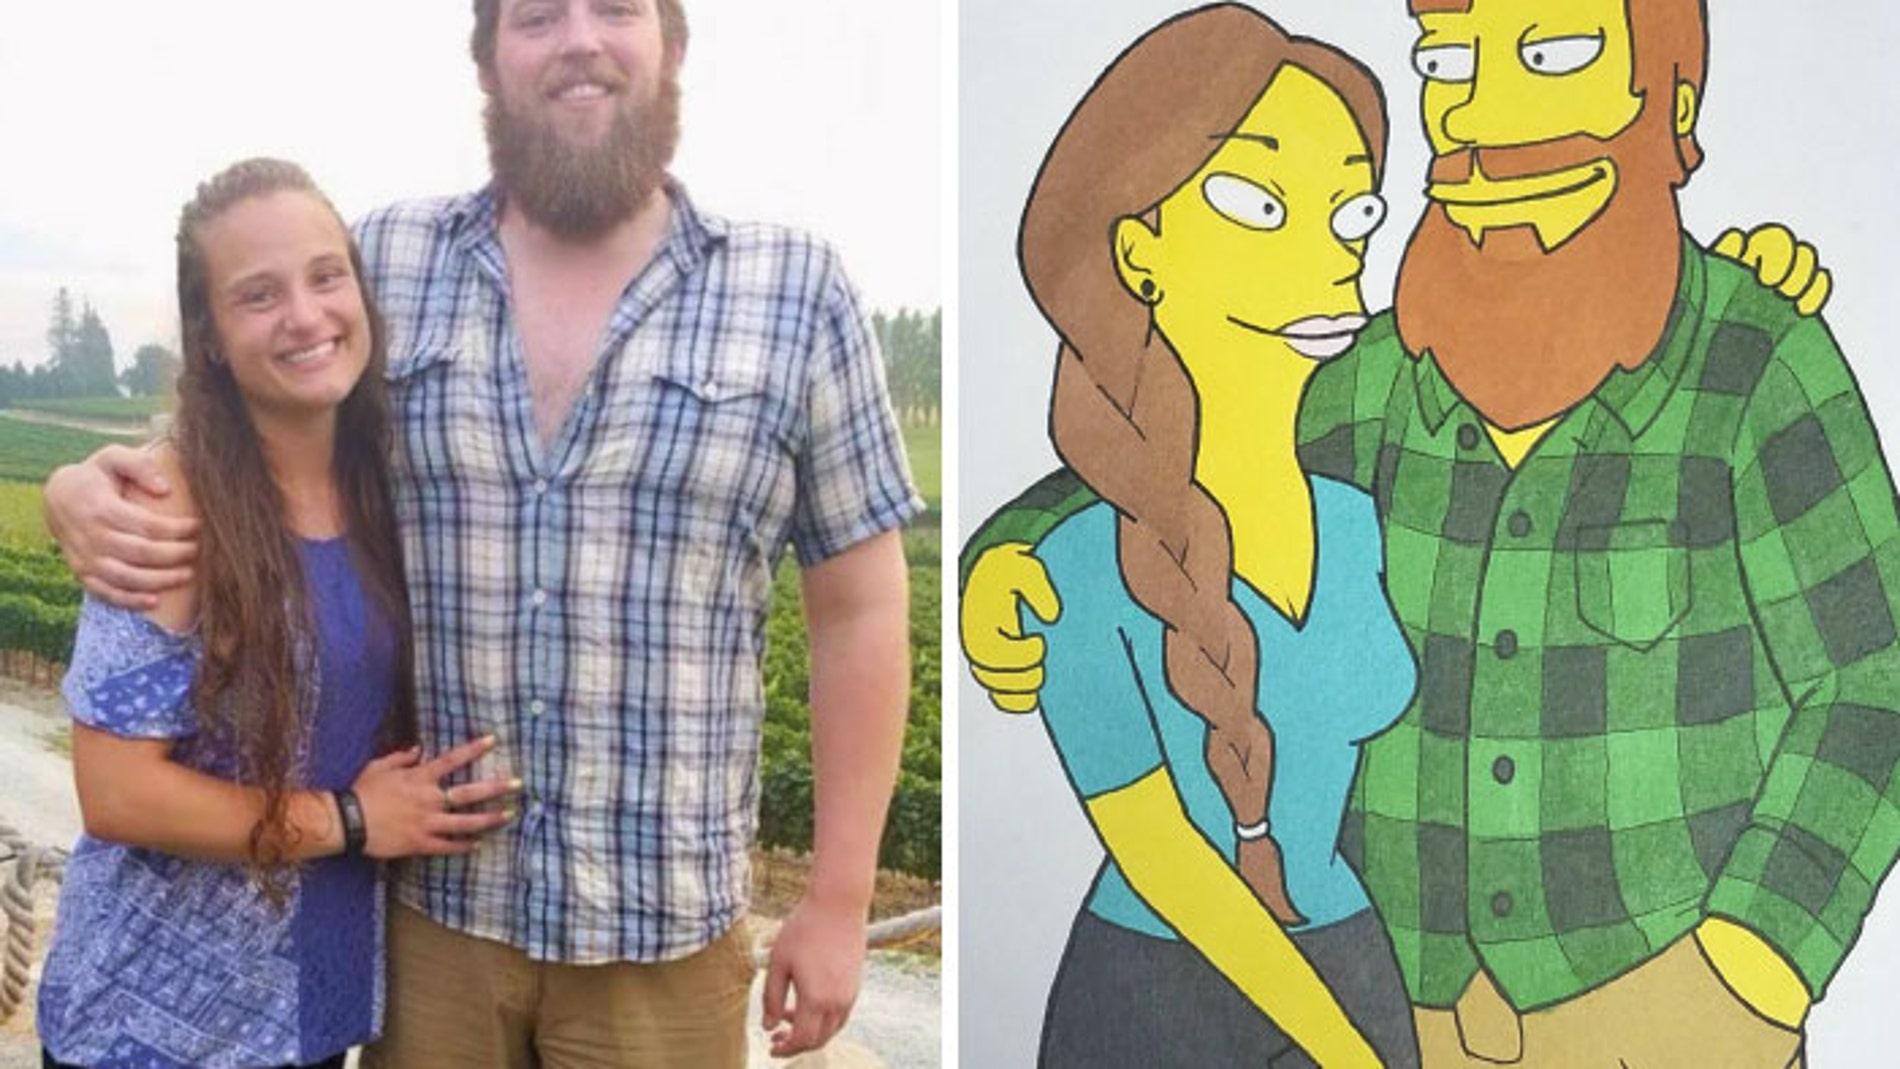 boyfriend-drew-girlfriend-different-cartoon-styles-kellssketchess-coverimage.jpg